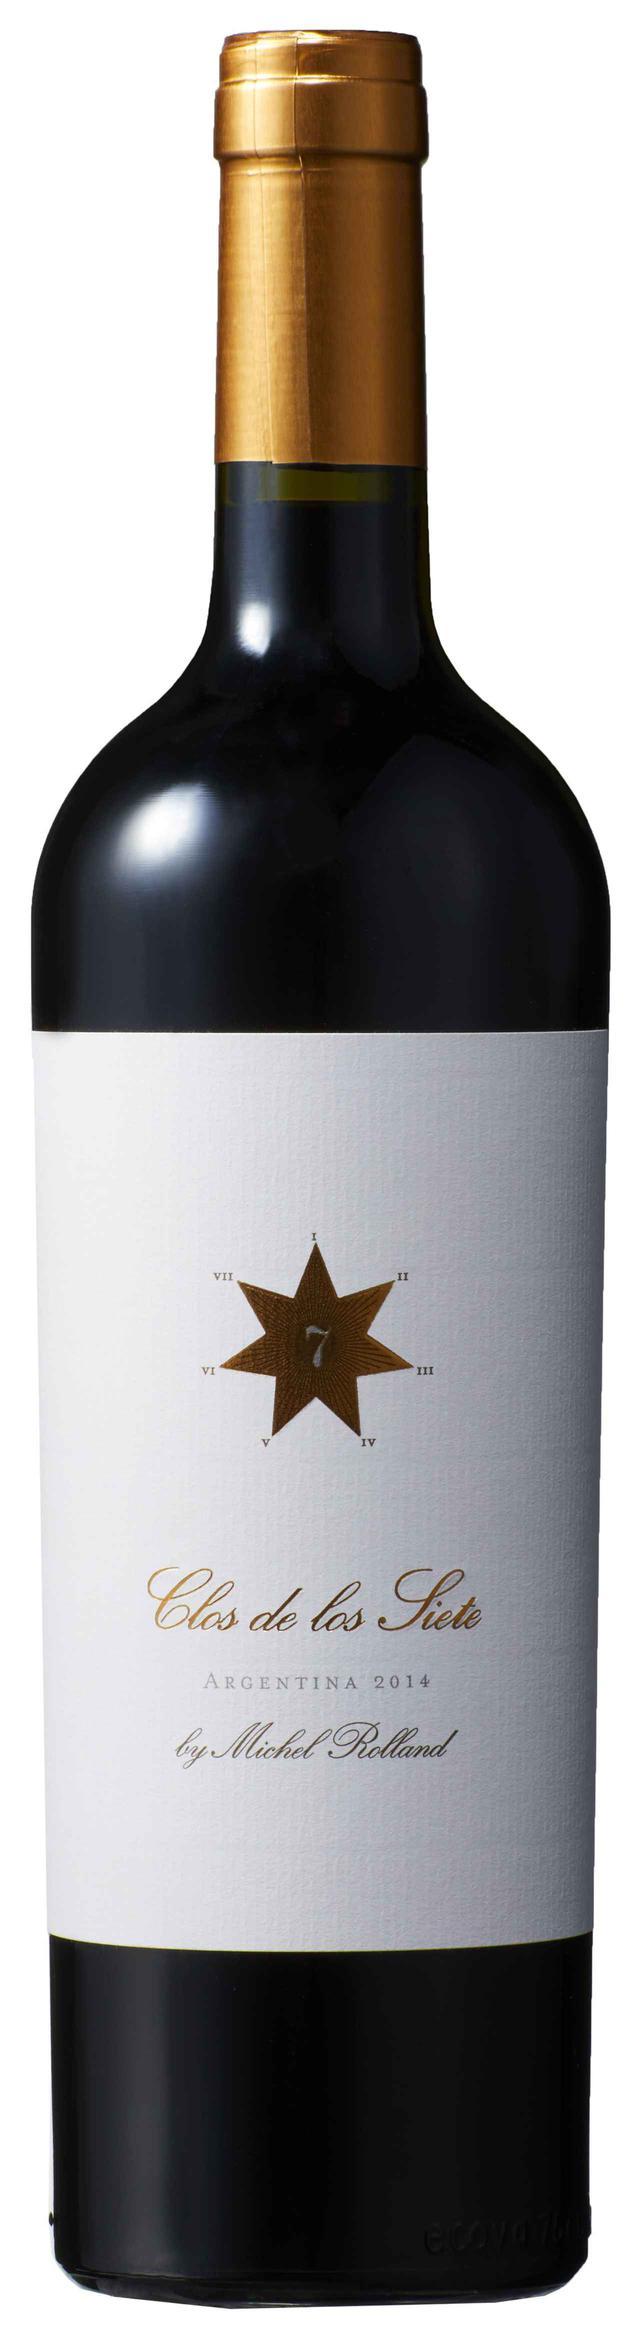 画像2: ミシェル・ロラン氏が心血を注ぐアルゼンチンのワイン『クロス・デ・ロス・シエテ』